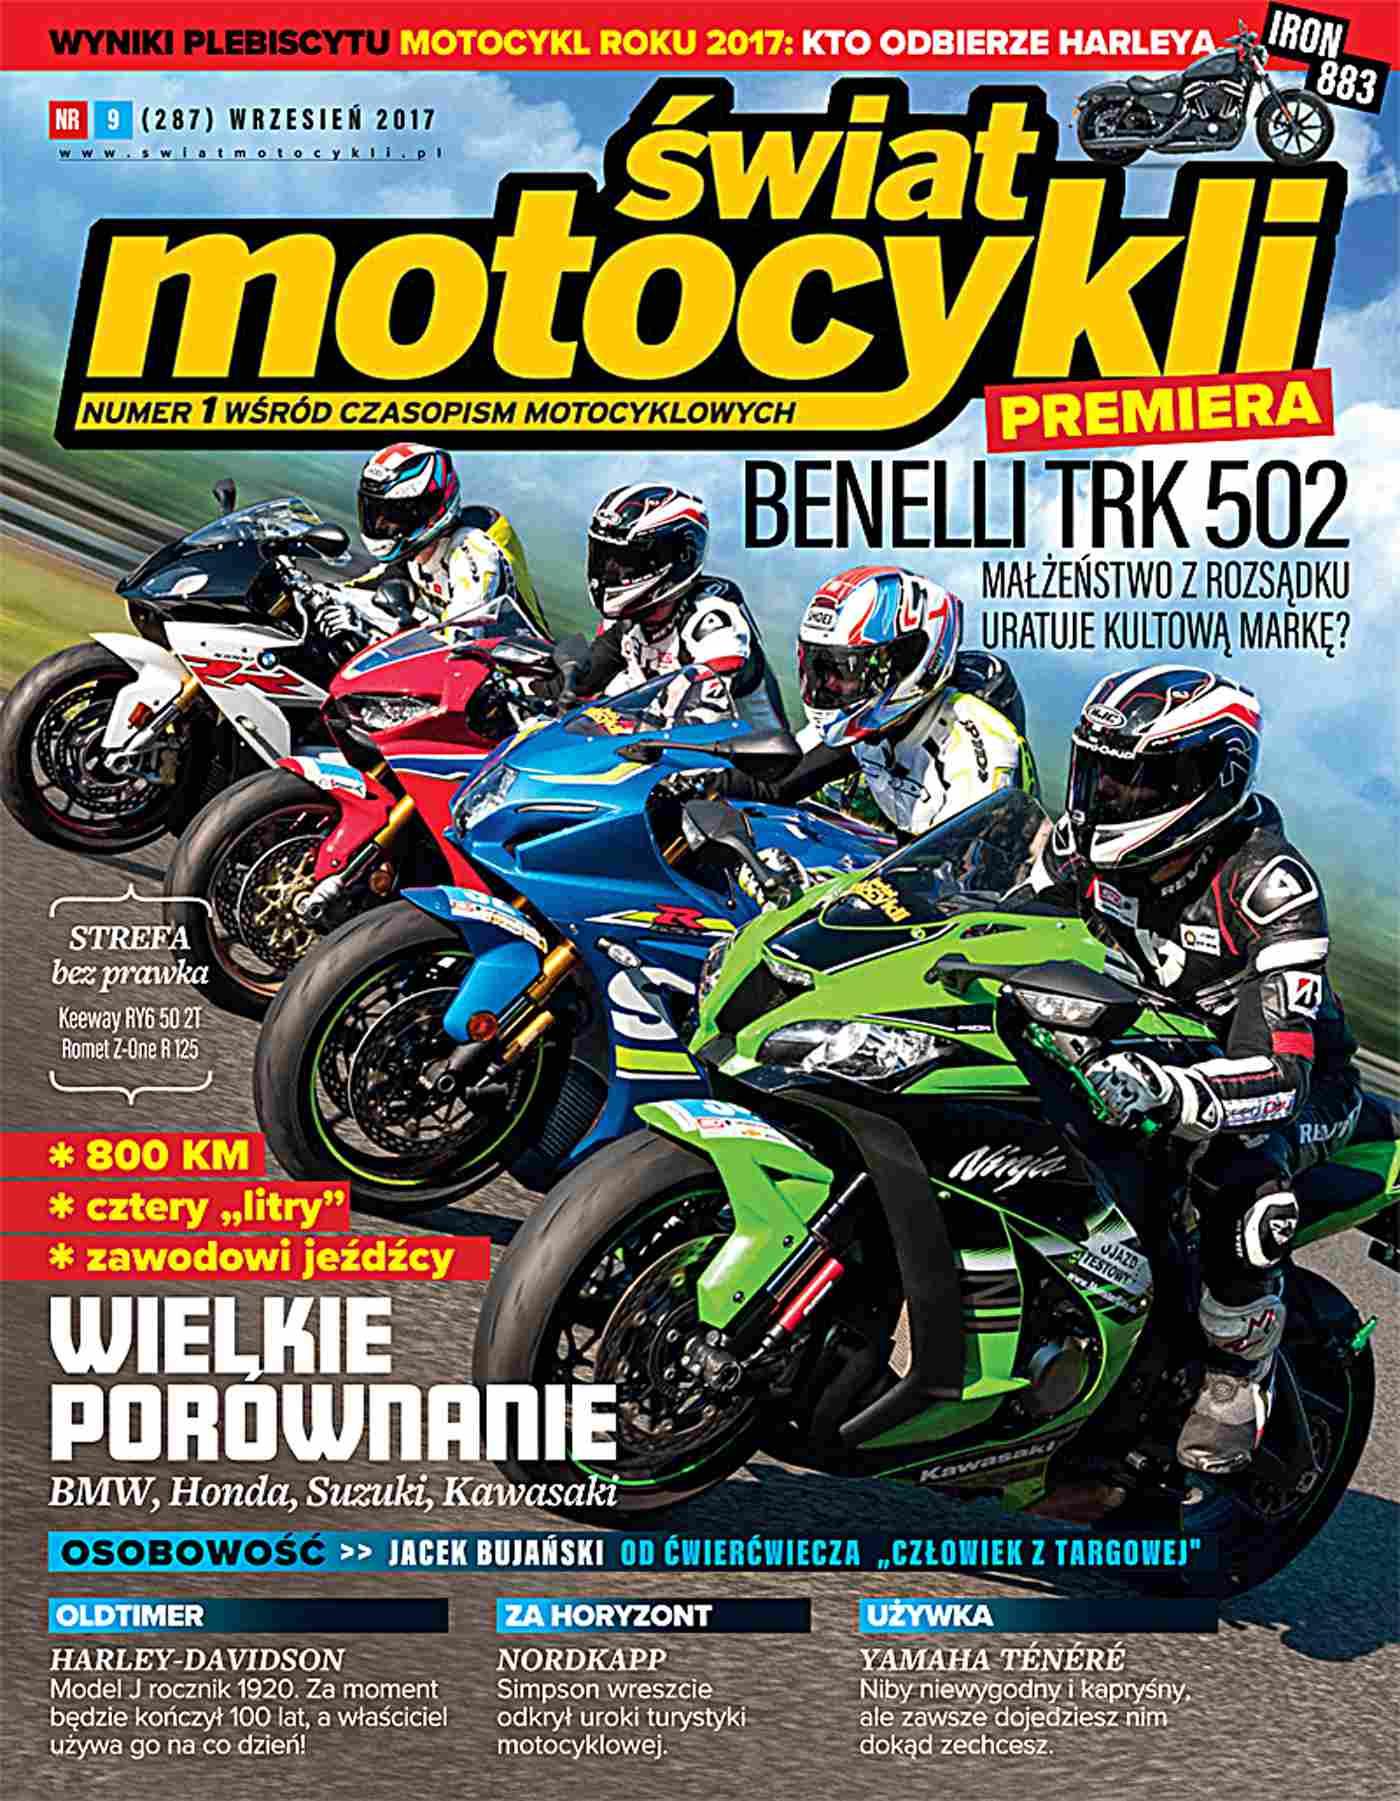 Świat Motocykli 9/2017 - Ebook (Książka PDF) do pobrania w formacie PDF